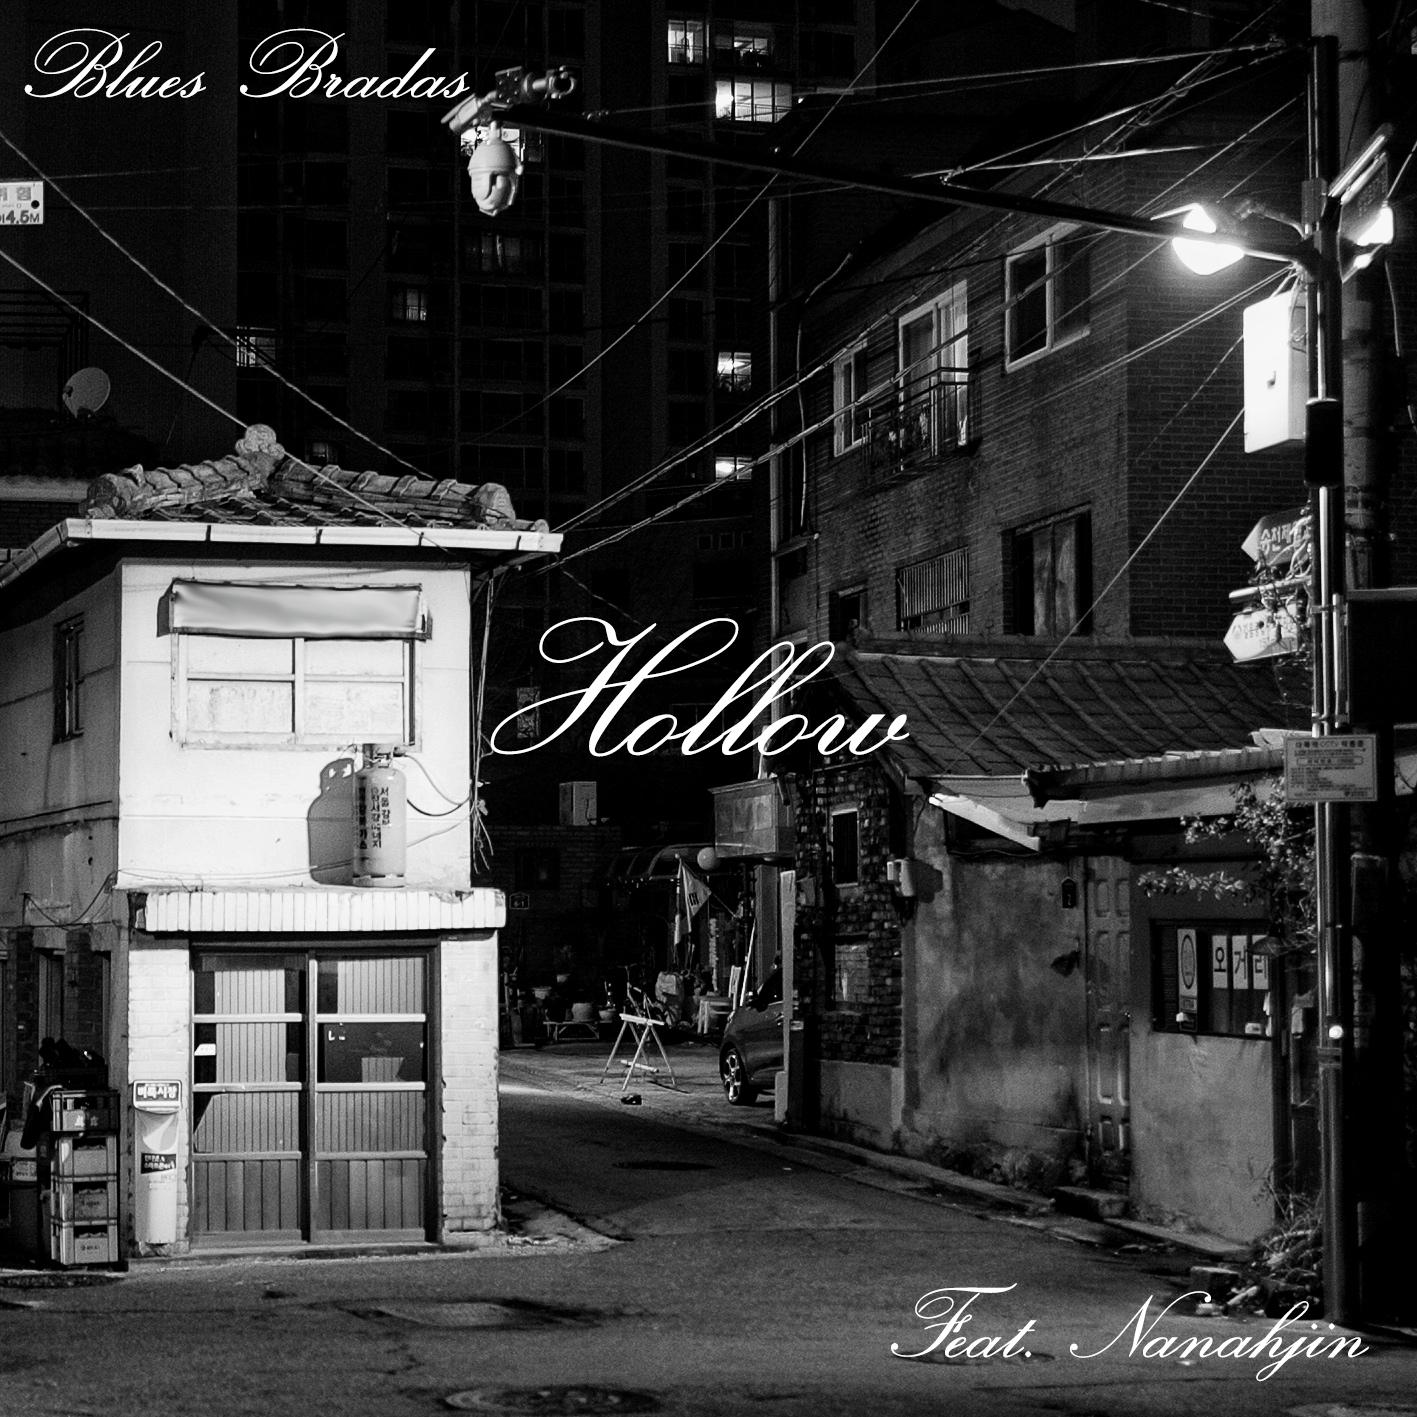 [JPEG] Hollow - Blues Bradas (Feat. Nanahjin)